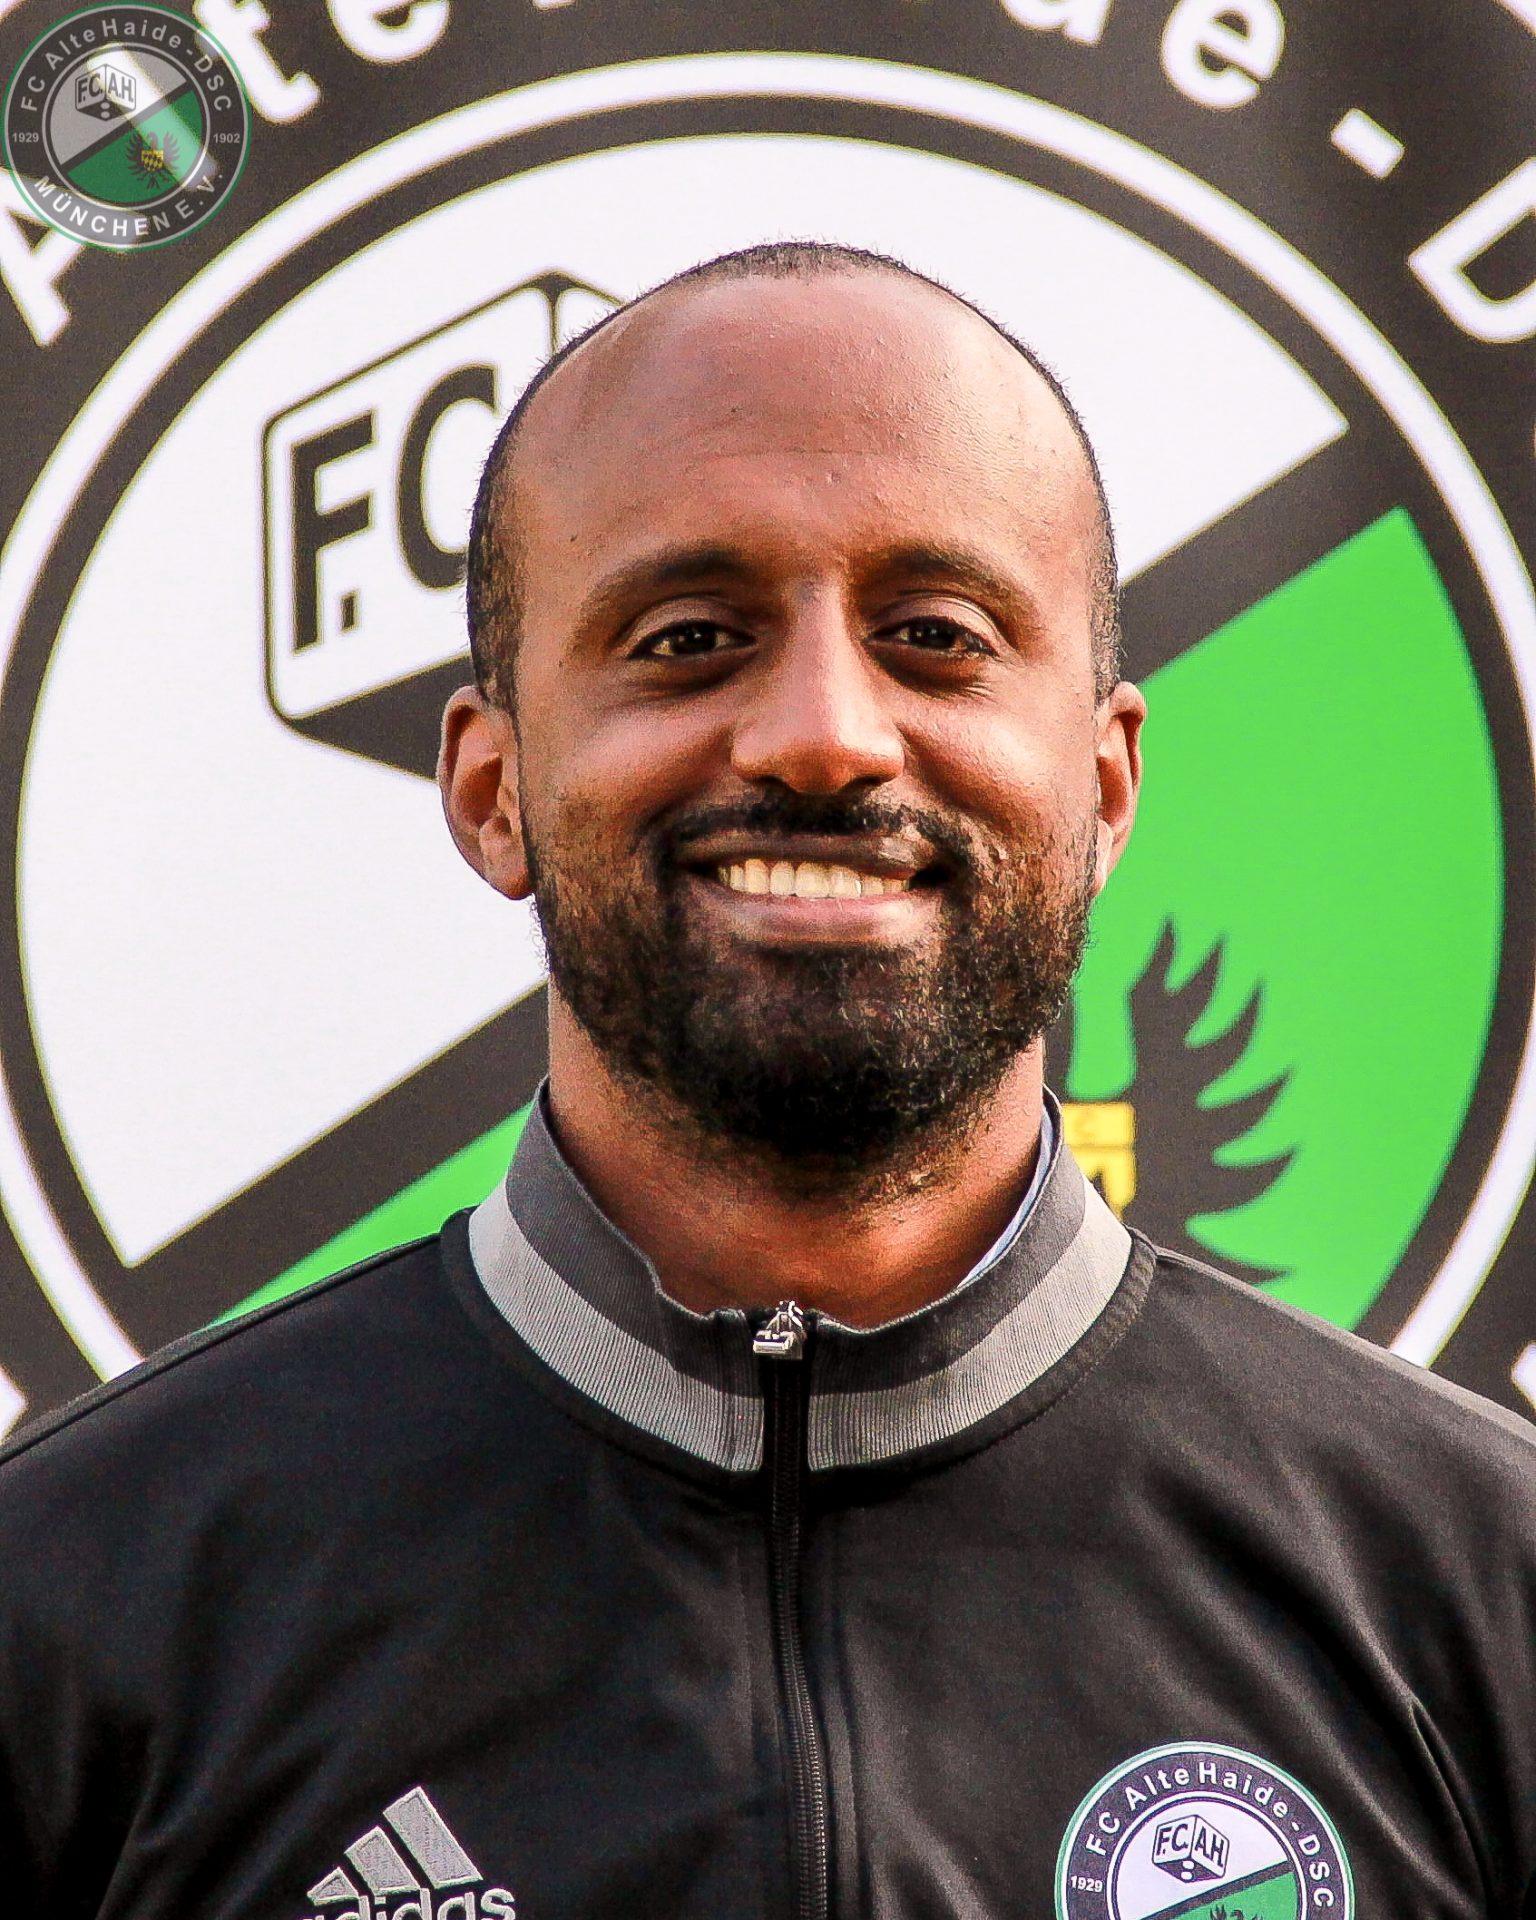 Daniel Wolde-Selassie